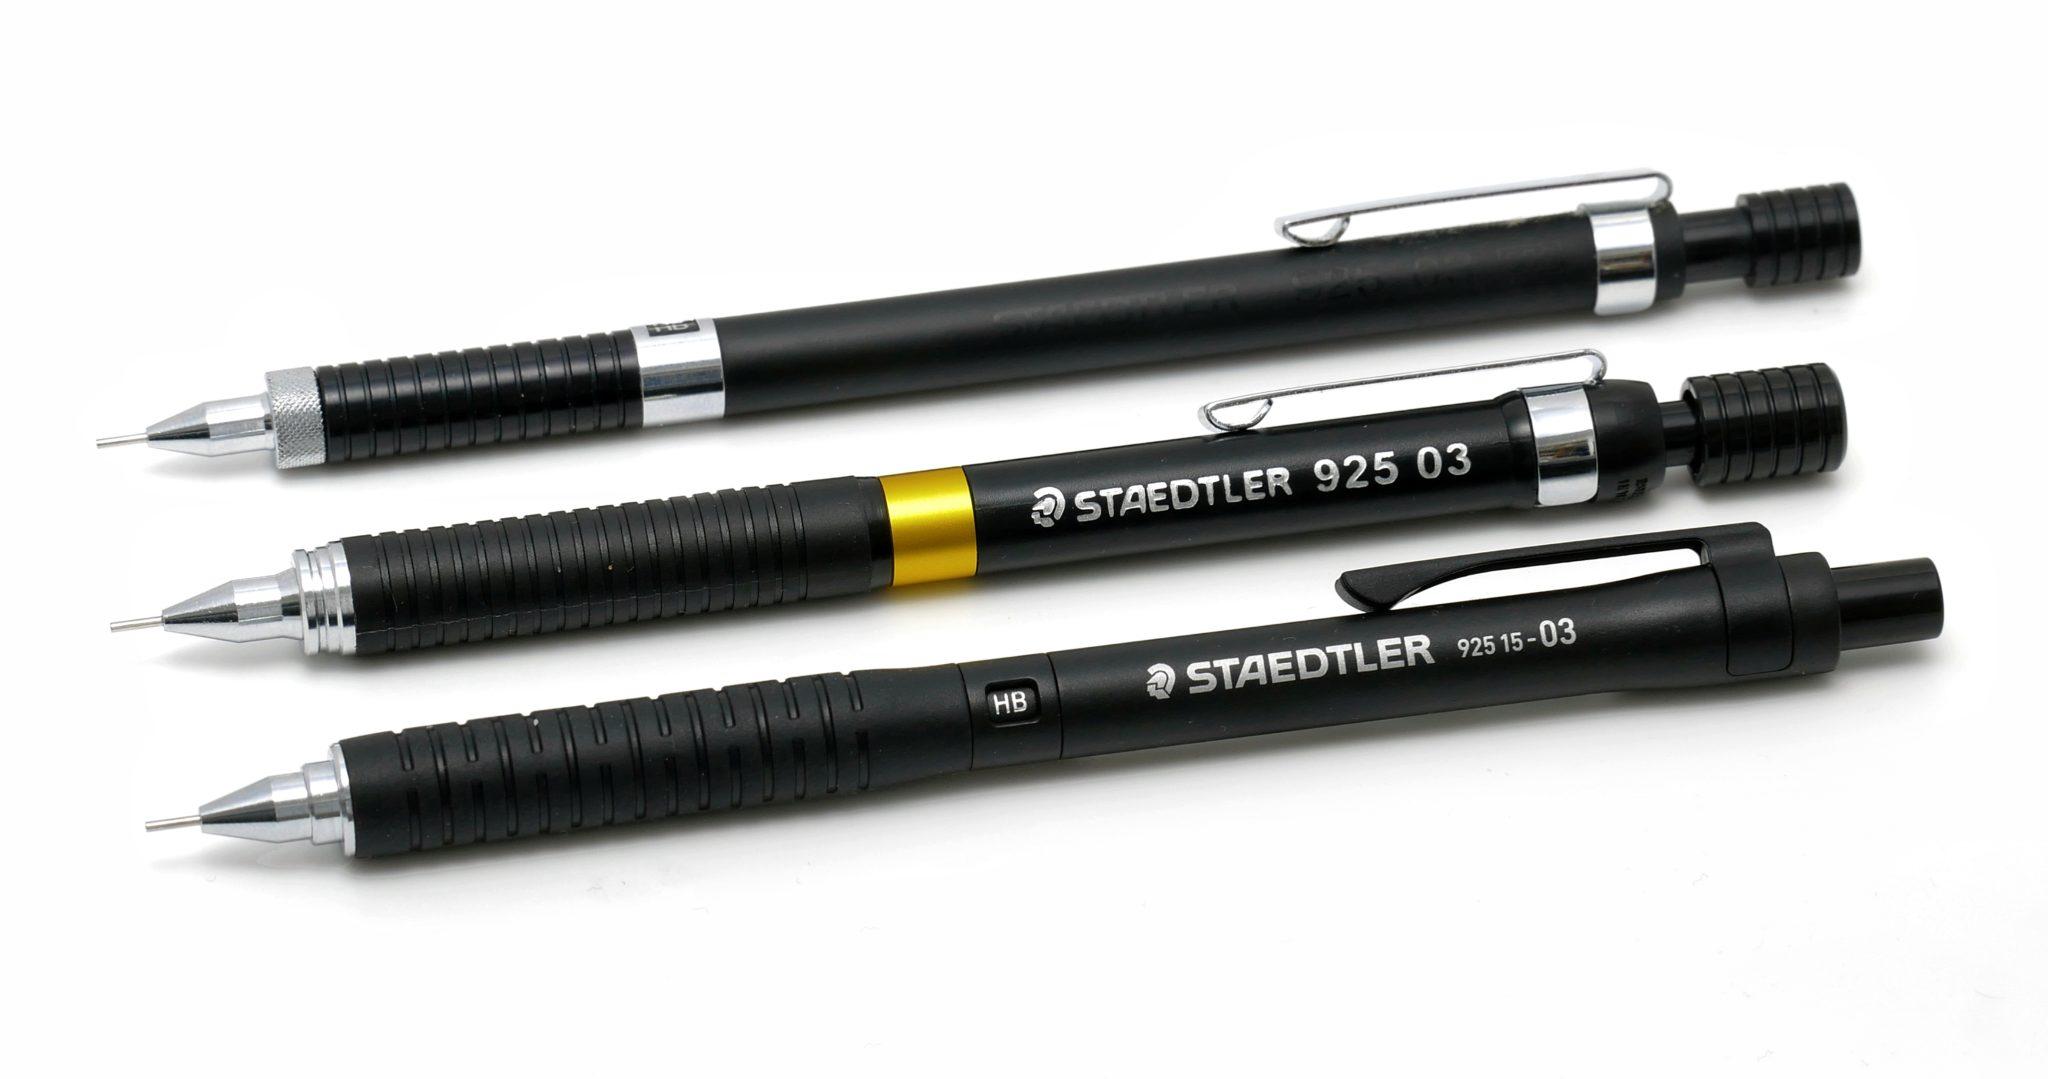 ステッドラーの歴代「925」シャープペンシル